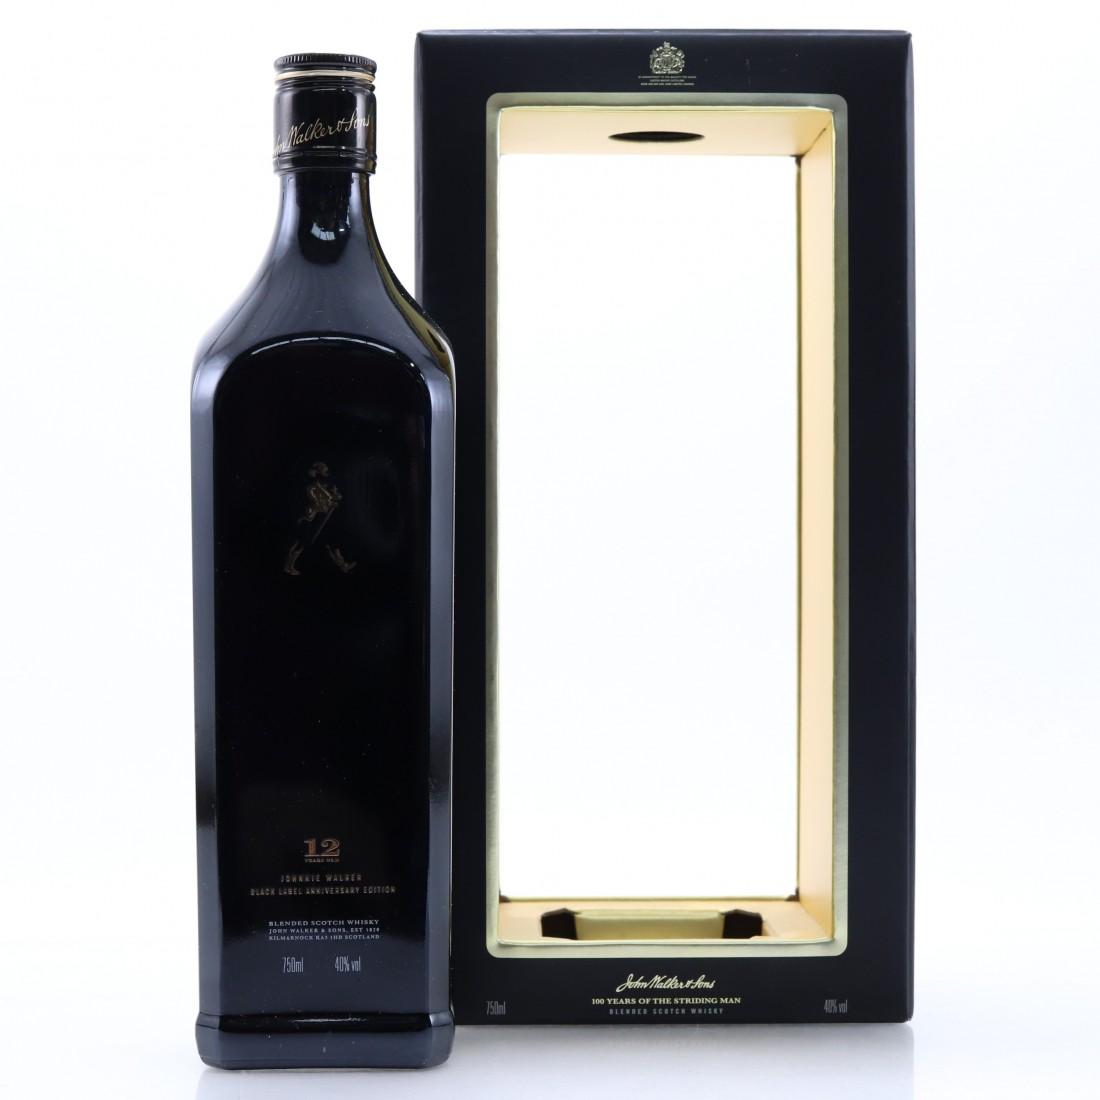 Johnnie Walker Black Label 12 Year Old Anniversary Edition